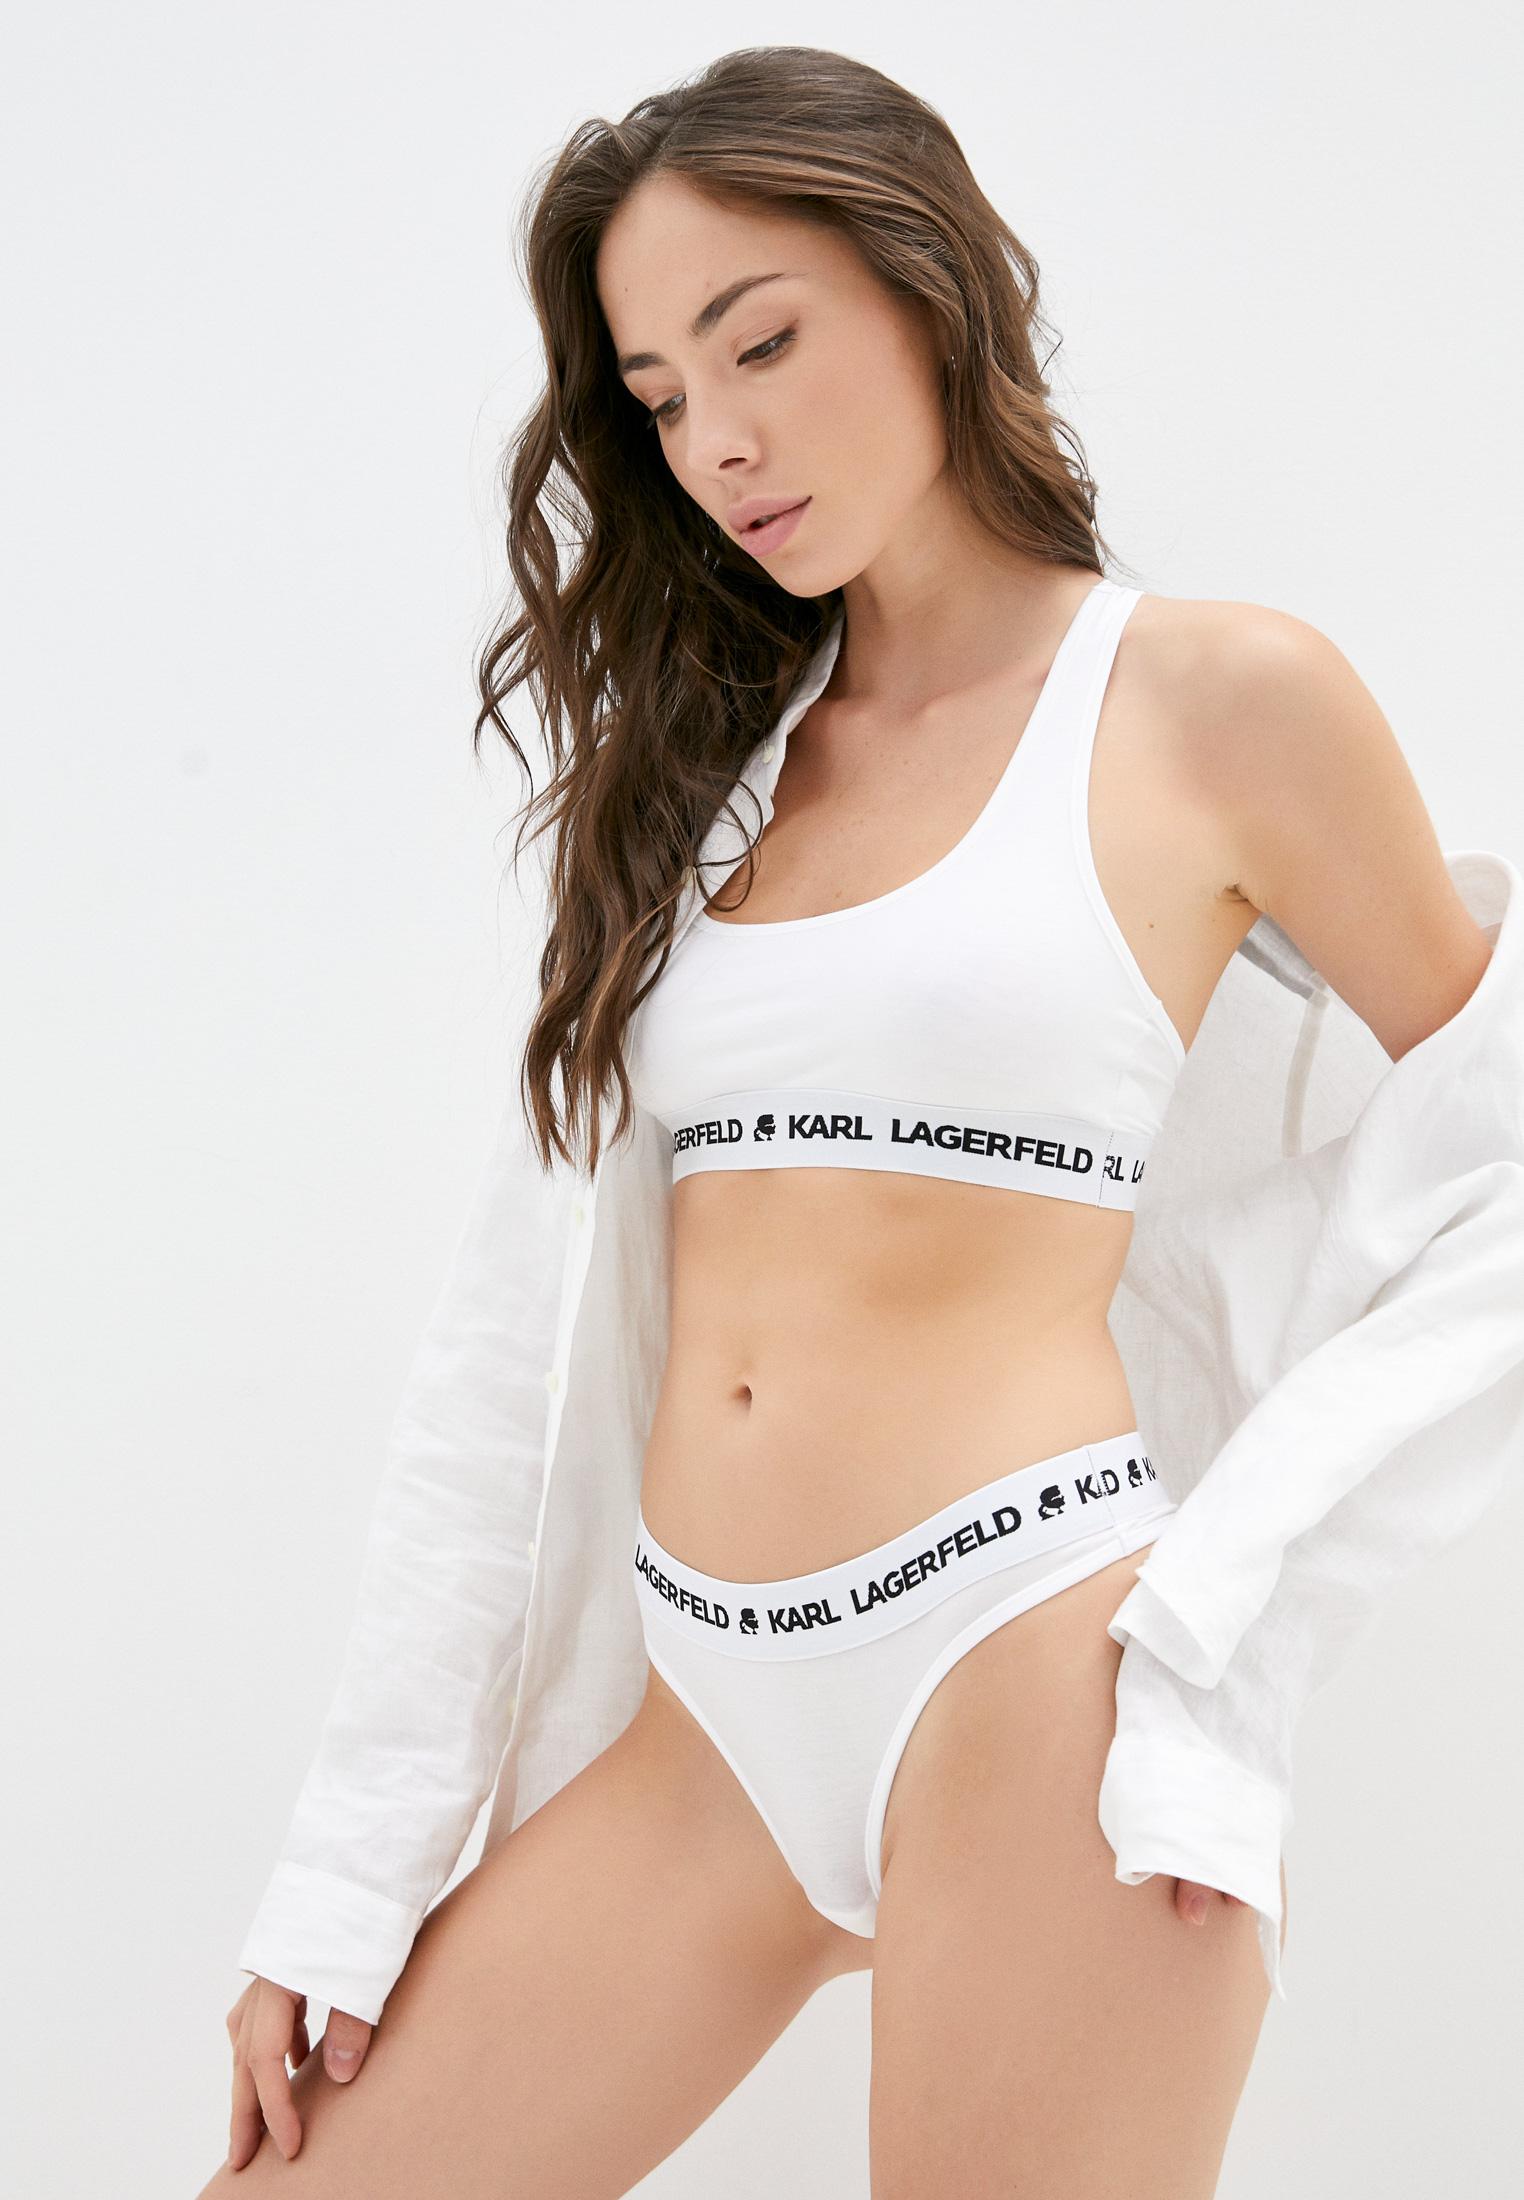 Бюстгальтер Karl Lagerfeld 211W2102